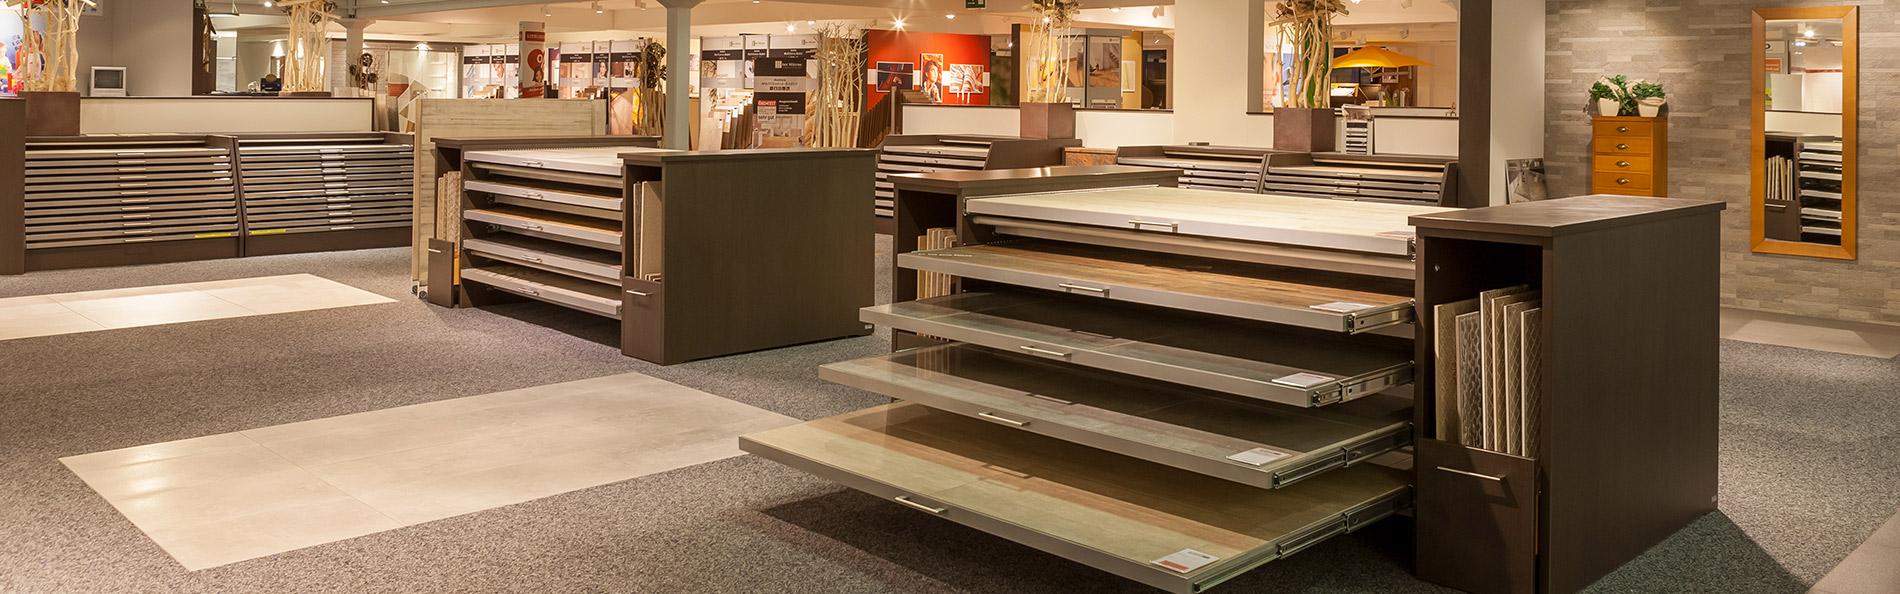 fliesen naturstein kaufen in oldenburg rastede. Black Bedroom Furniture Sets. Home Design Ideas